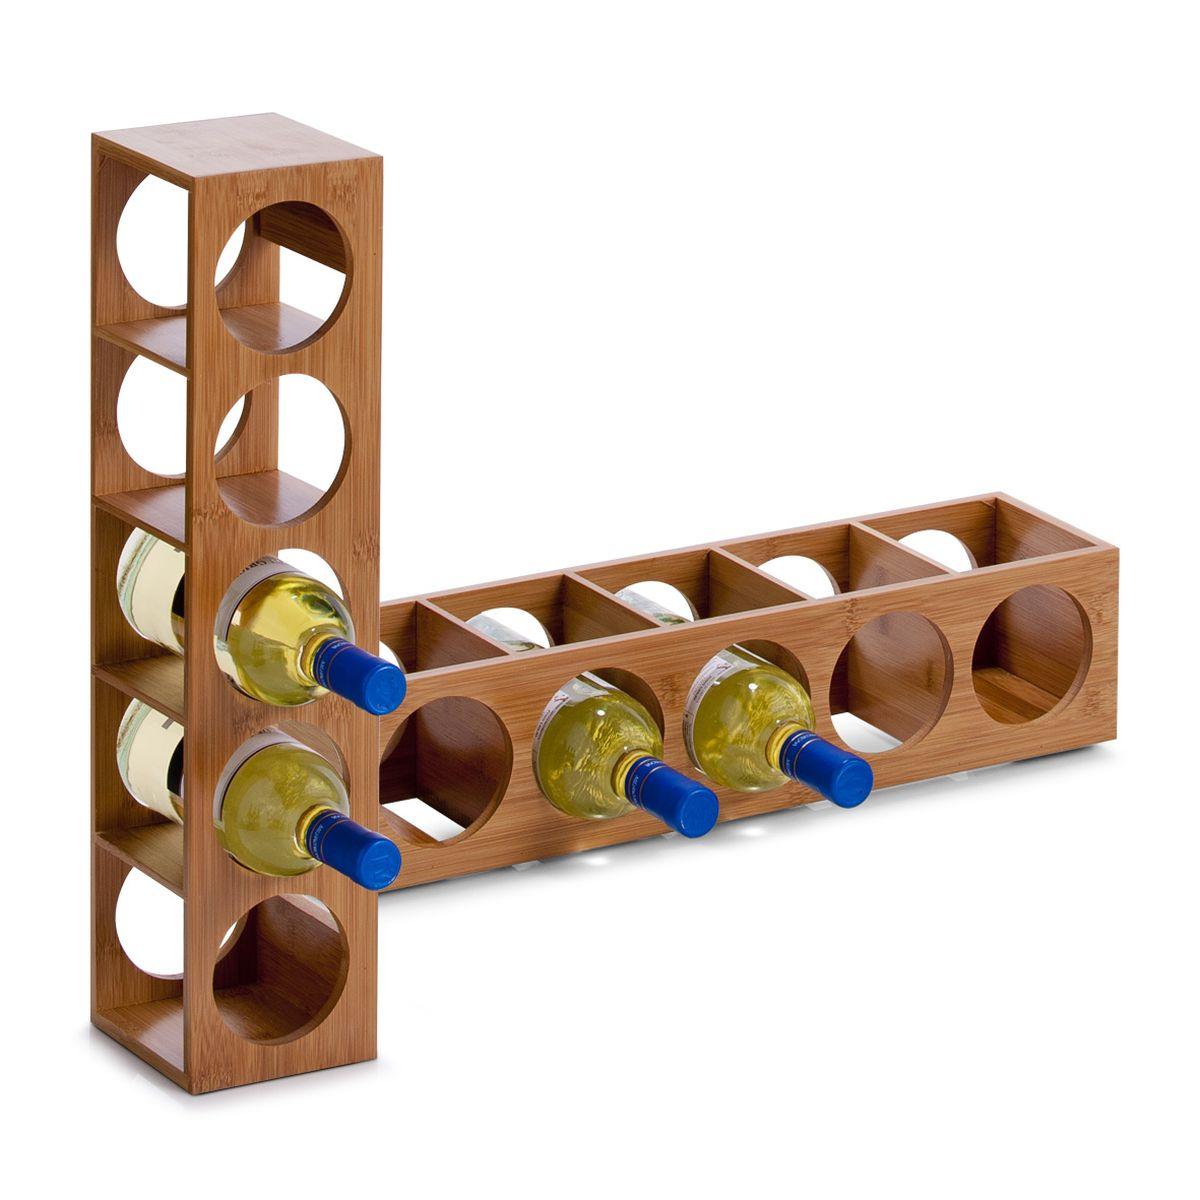 Подставка для бутылок Zeller, 13,5 х 12,5 х 53 см13Подставка для бутылок Zeller служит для размещения 5 винных или пивных бутылок. Изготовлена подставка из высококачественной древесины. Устойчивая форма, удобство, надежная конструкция - все это делает подставку надежным и практичным аксессуаром. Кроме того, такая подставка стильно дополнит кухонный интерьер. Диаметр отверстия для бутылки: 9 см.